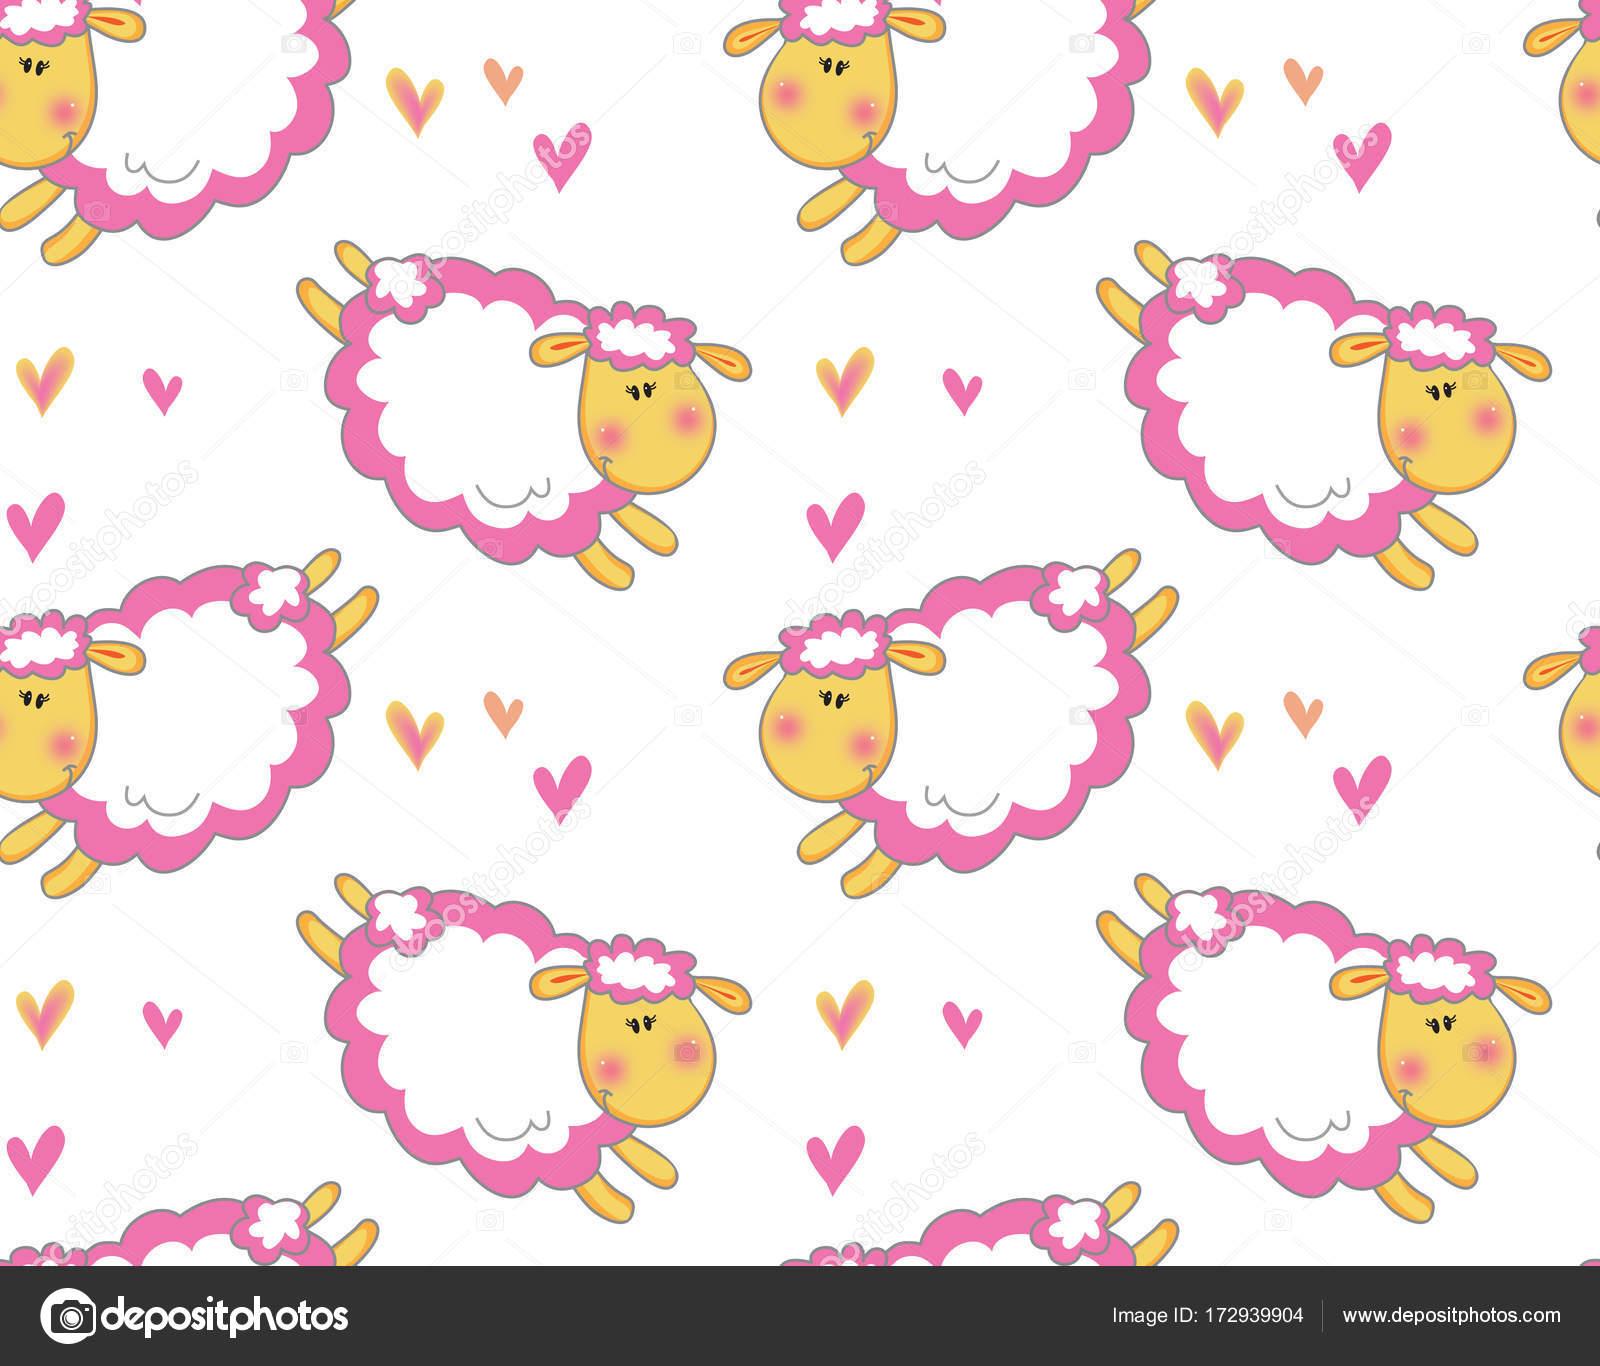 34 great cute sheep